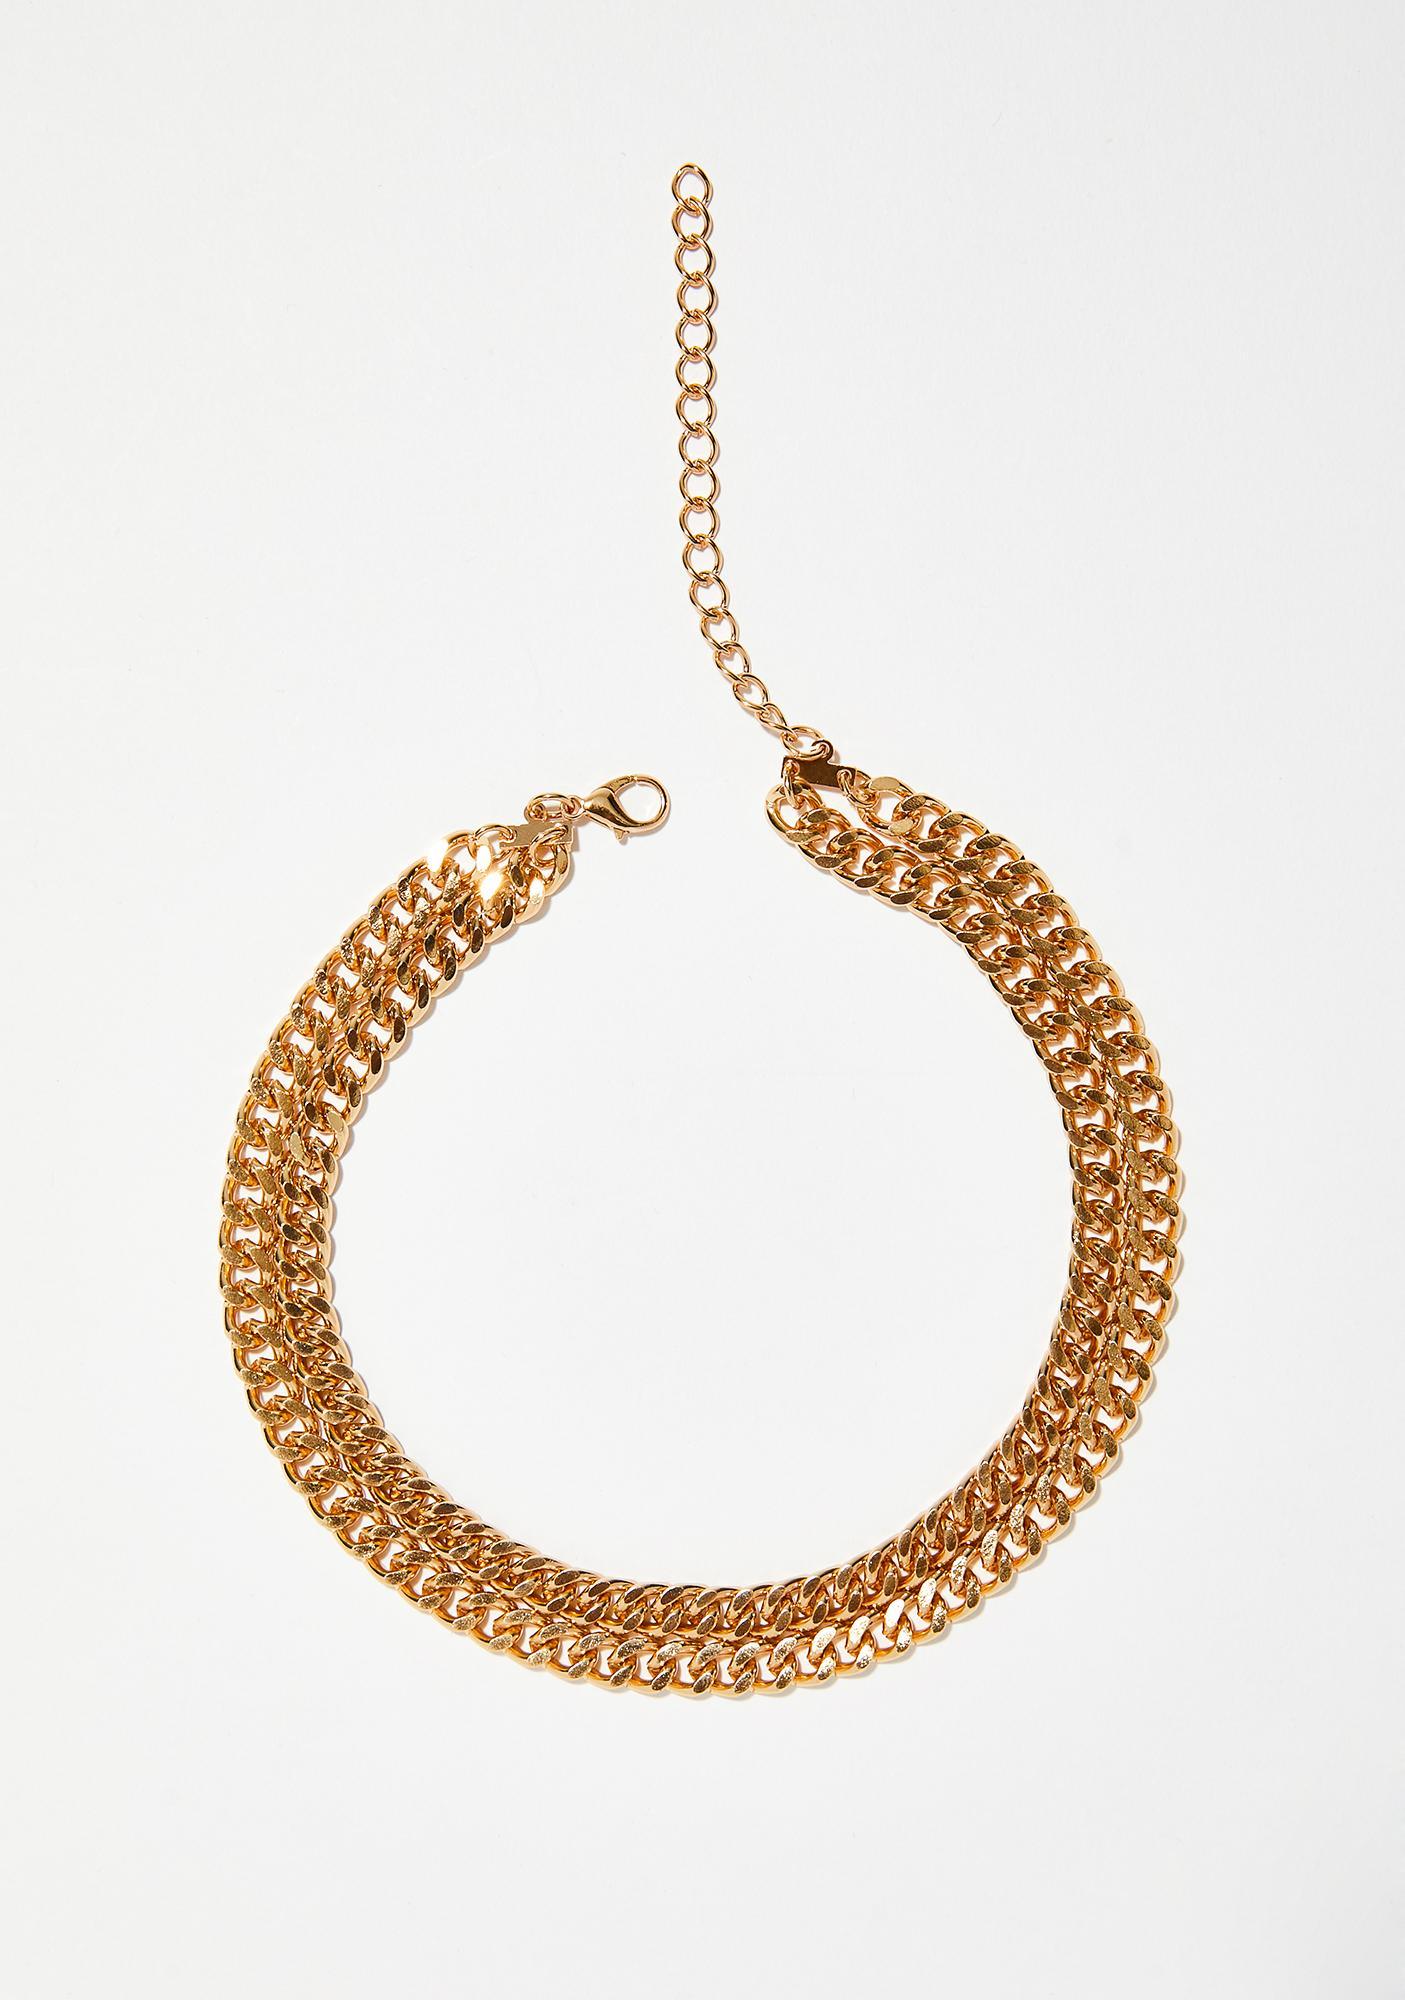 Stay Golden Chain Choker